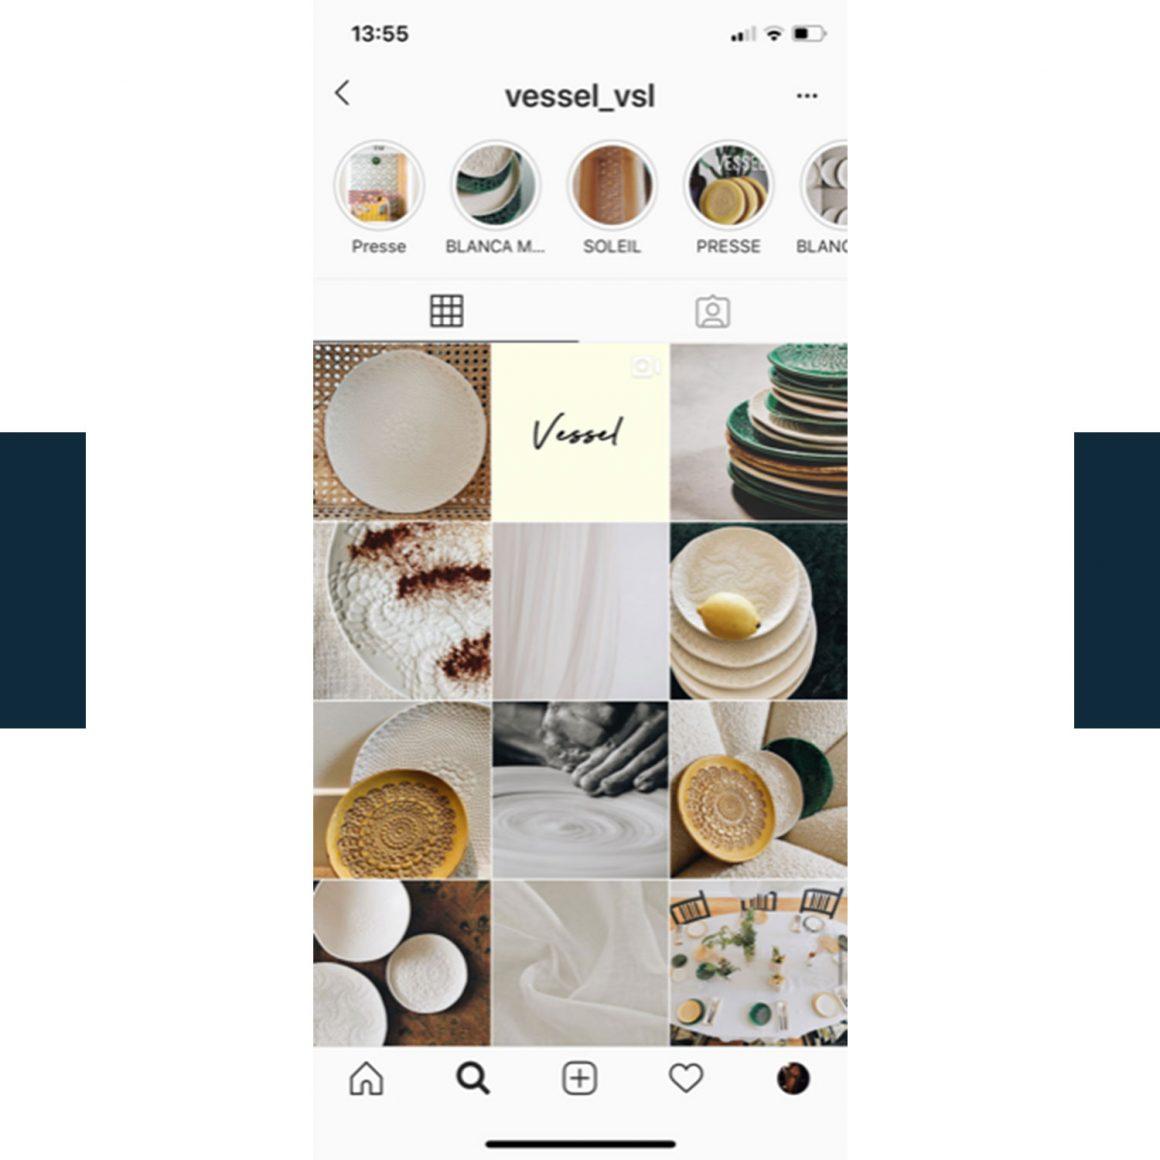 Capture d'écran du compte Instagram de la marque VESSEL